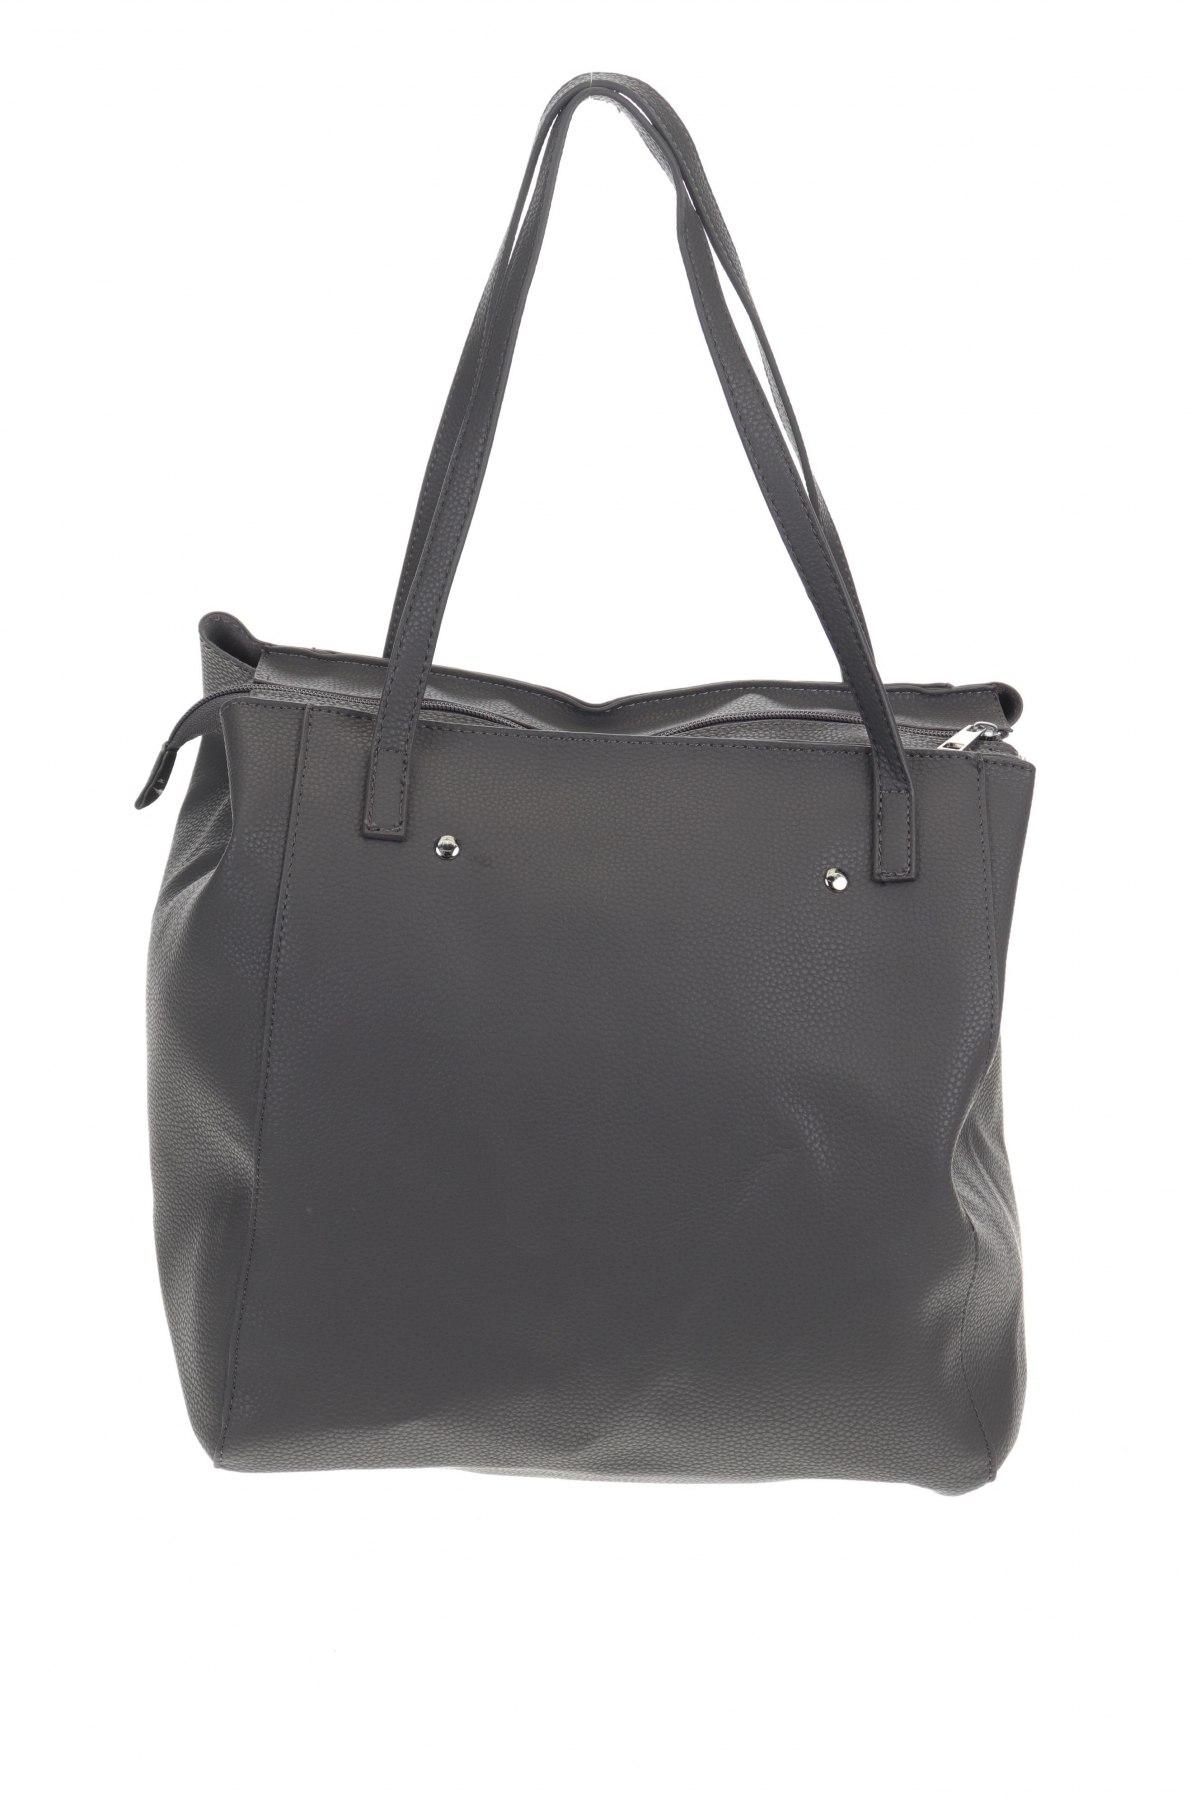 Дамска чанта Reserved, Цвят Сив, Еко кожа, Цена 26,55лв.